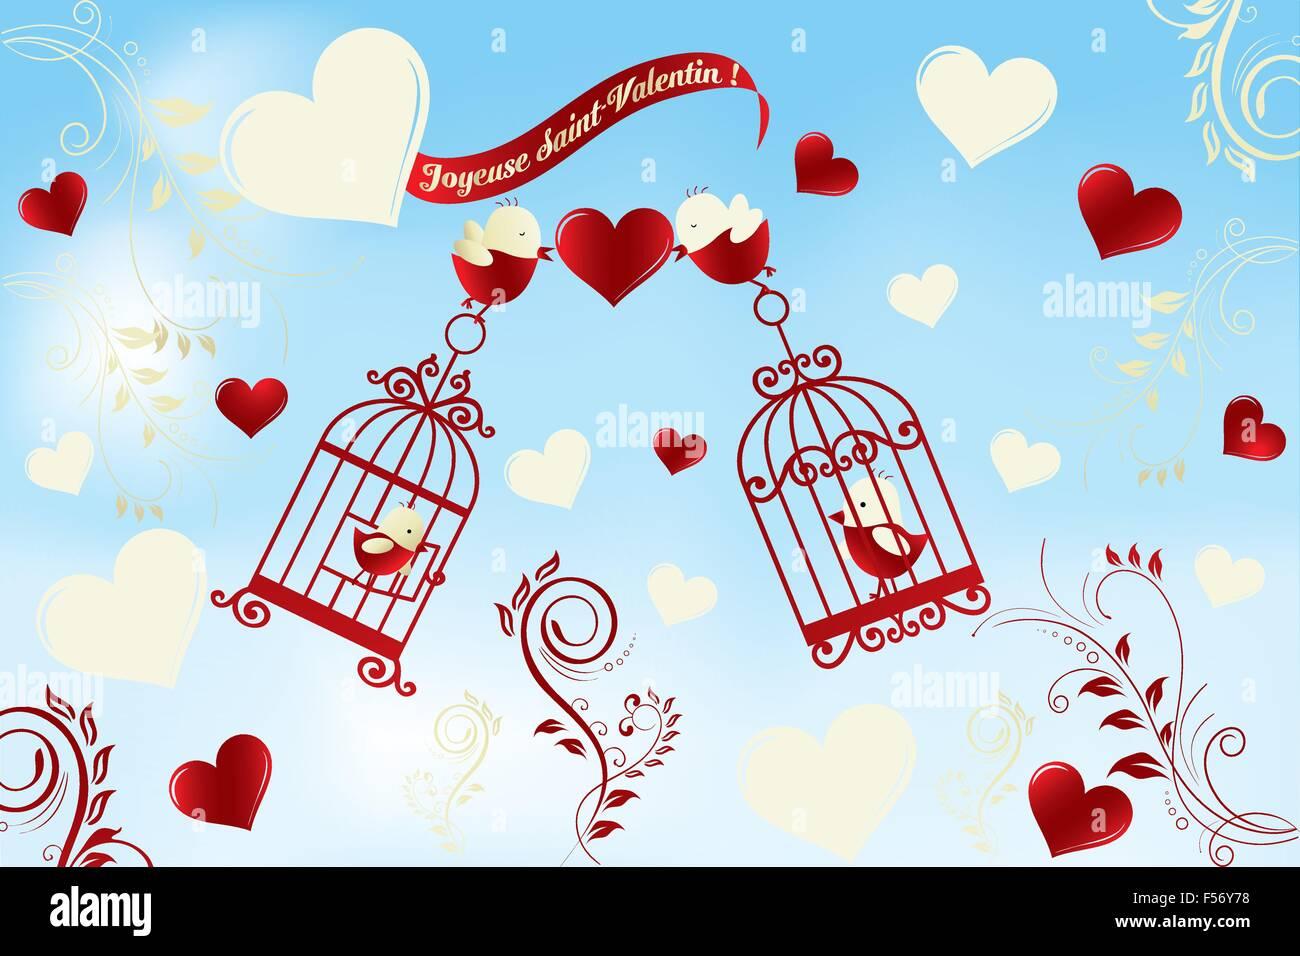 Am valentinstag franzosisch